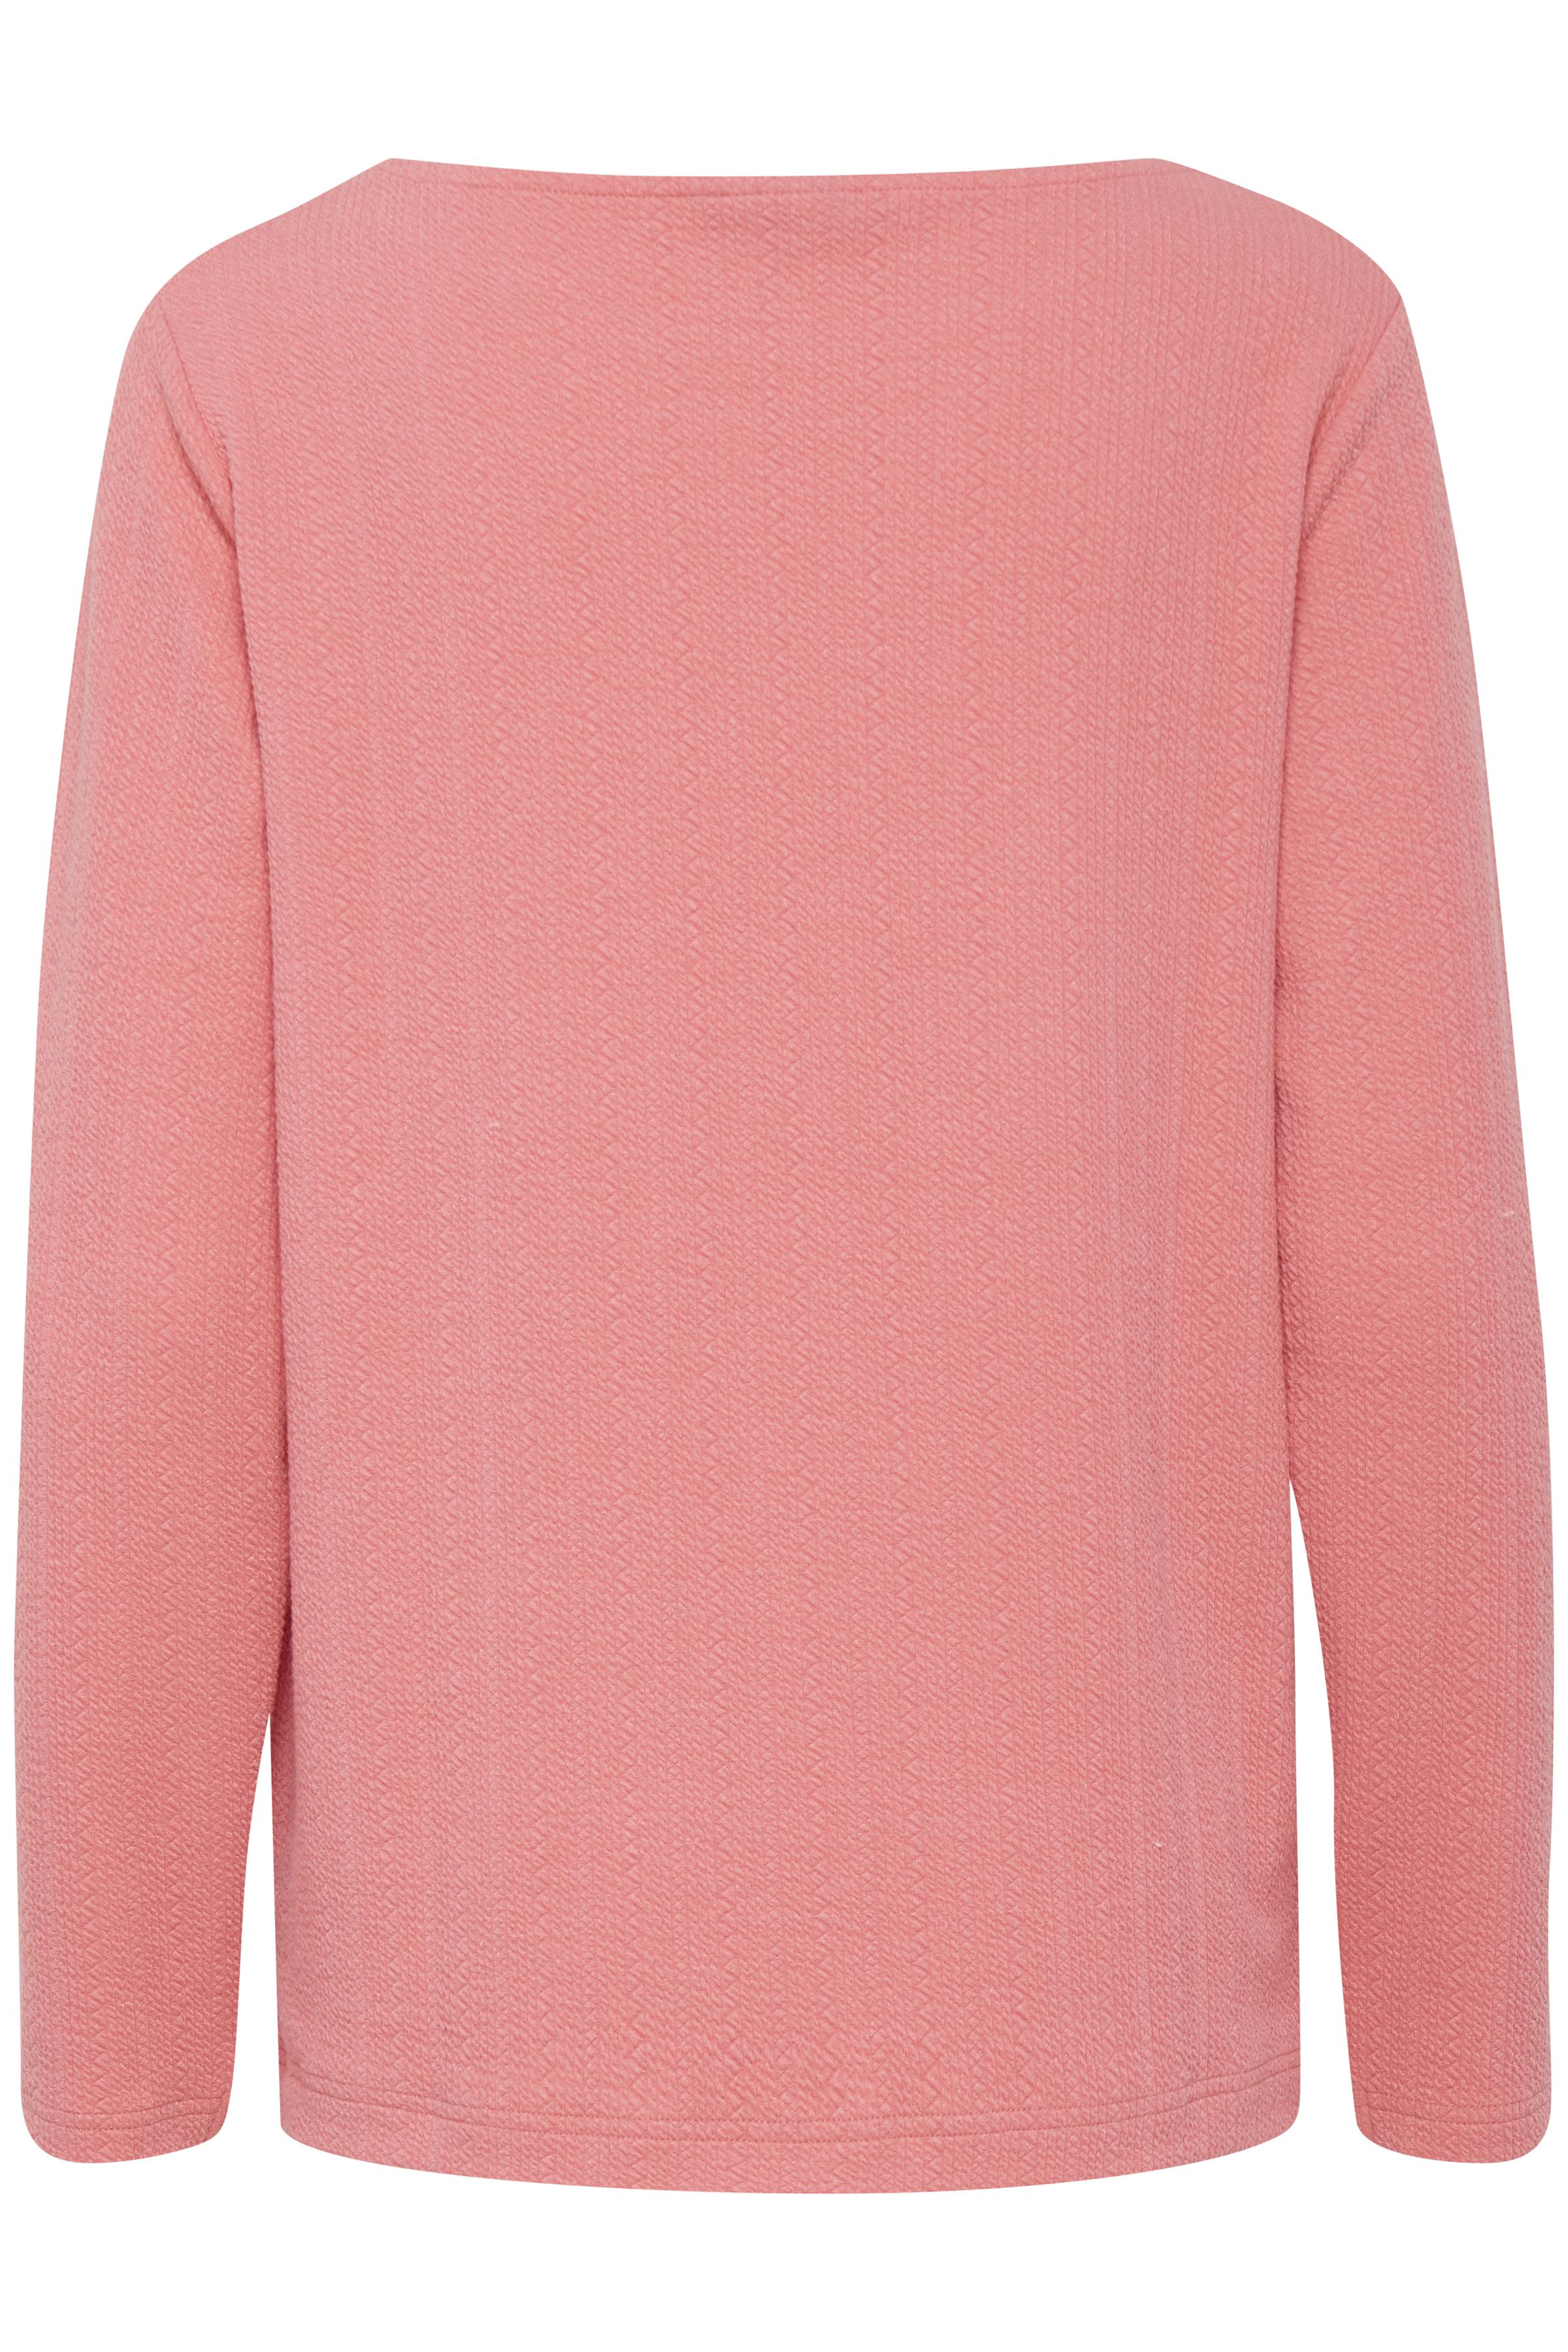 Sunkist Coral Langarm-Shirt von b.young – Kaufen Sie Sunkist Coral Langarm-Shirt aus Größe S-XXL hier